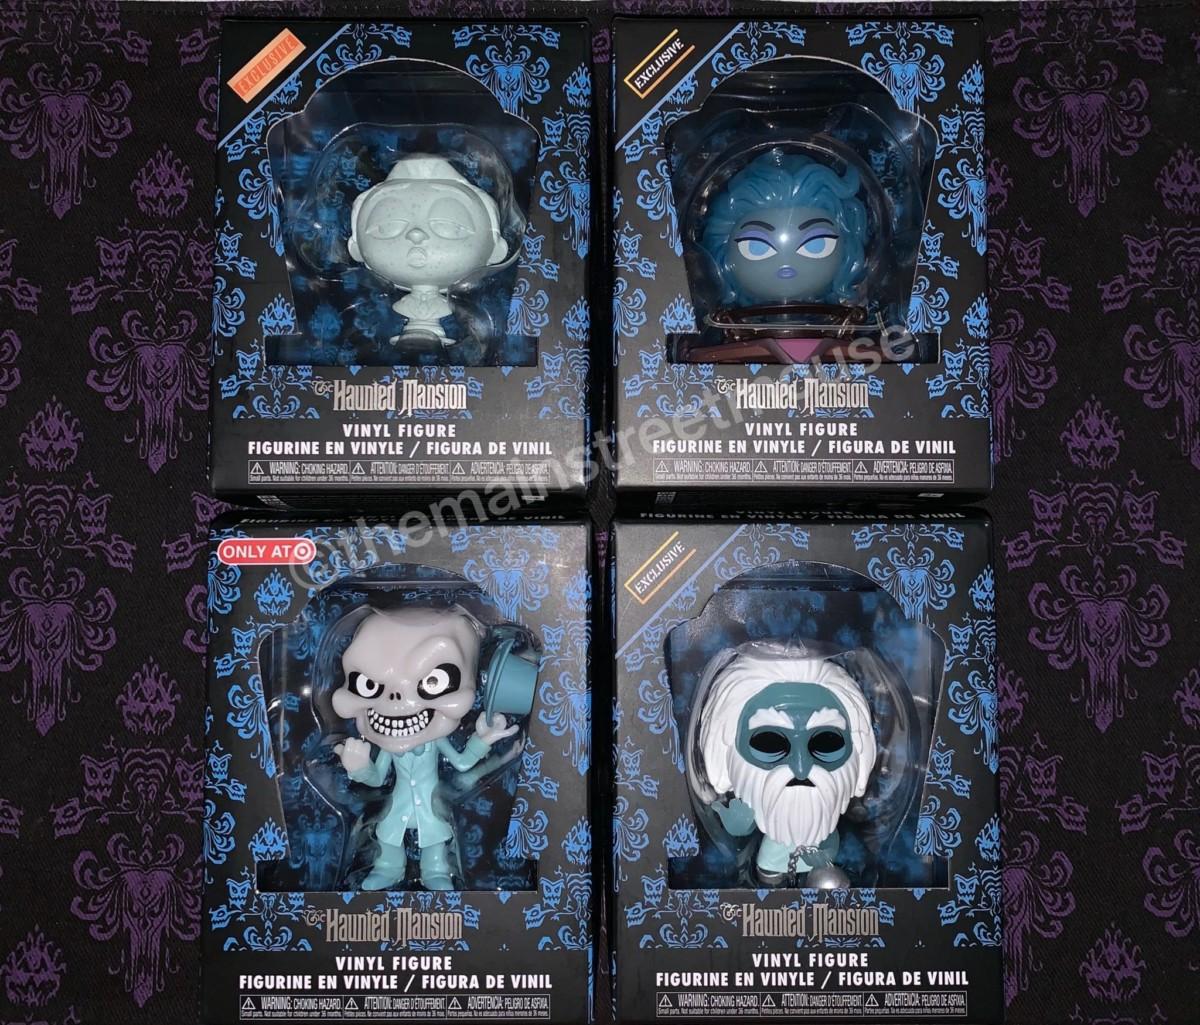 Haunted Mansion And Dapper Dan's Funko Items 3